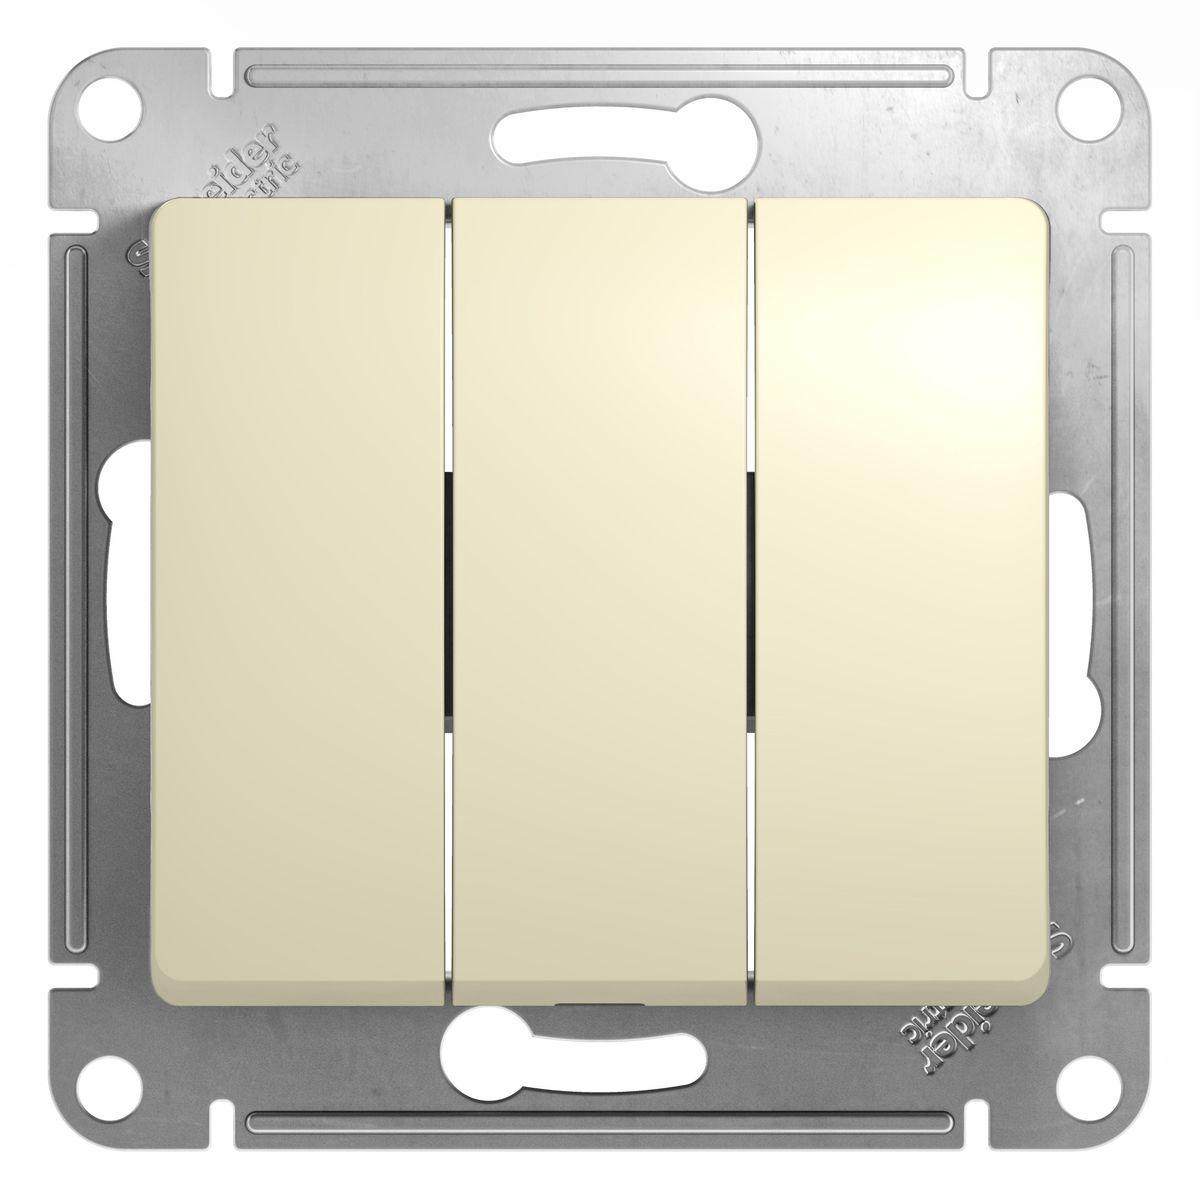 Выключатель Schneider Electric Glossa, тройной, цвет: бежевыйGSL000231Тройной выключатель Schneider Electric Glossa выполнен из прочного пластика и стали. Выключатель имеет специальные фиксаторы, которые не дают ему смещаться как при монтаже, так и в процессе эксплуатации. Винтовые зажимы кабеля обеспечивают надежный монтаж к электросети с помощью отвертки. Такой выключатель станет удачным решением для дома и дачи.